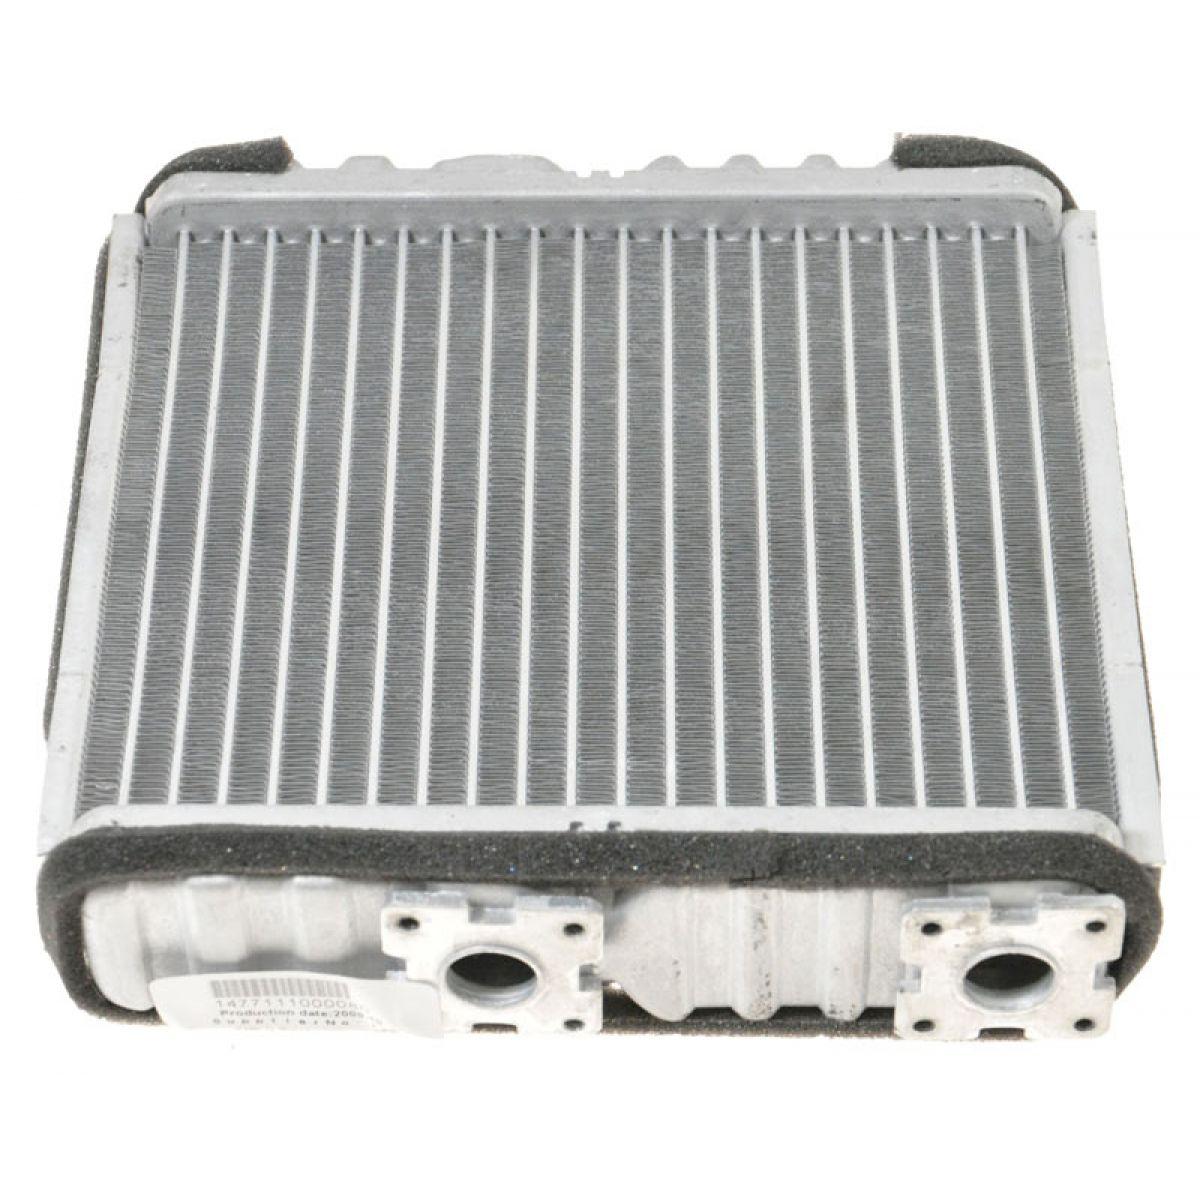 Heater Core for CL TL G20 Q45 Villager Sentra Maxima Altima Impreza Legacy